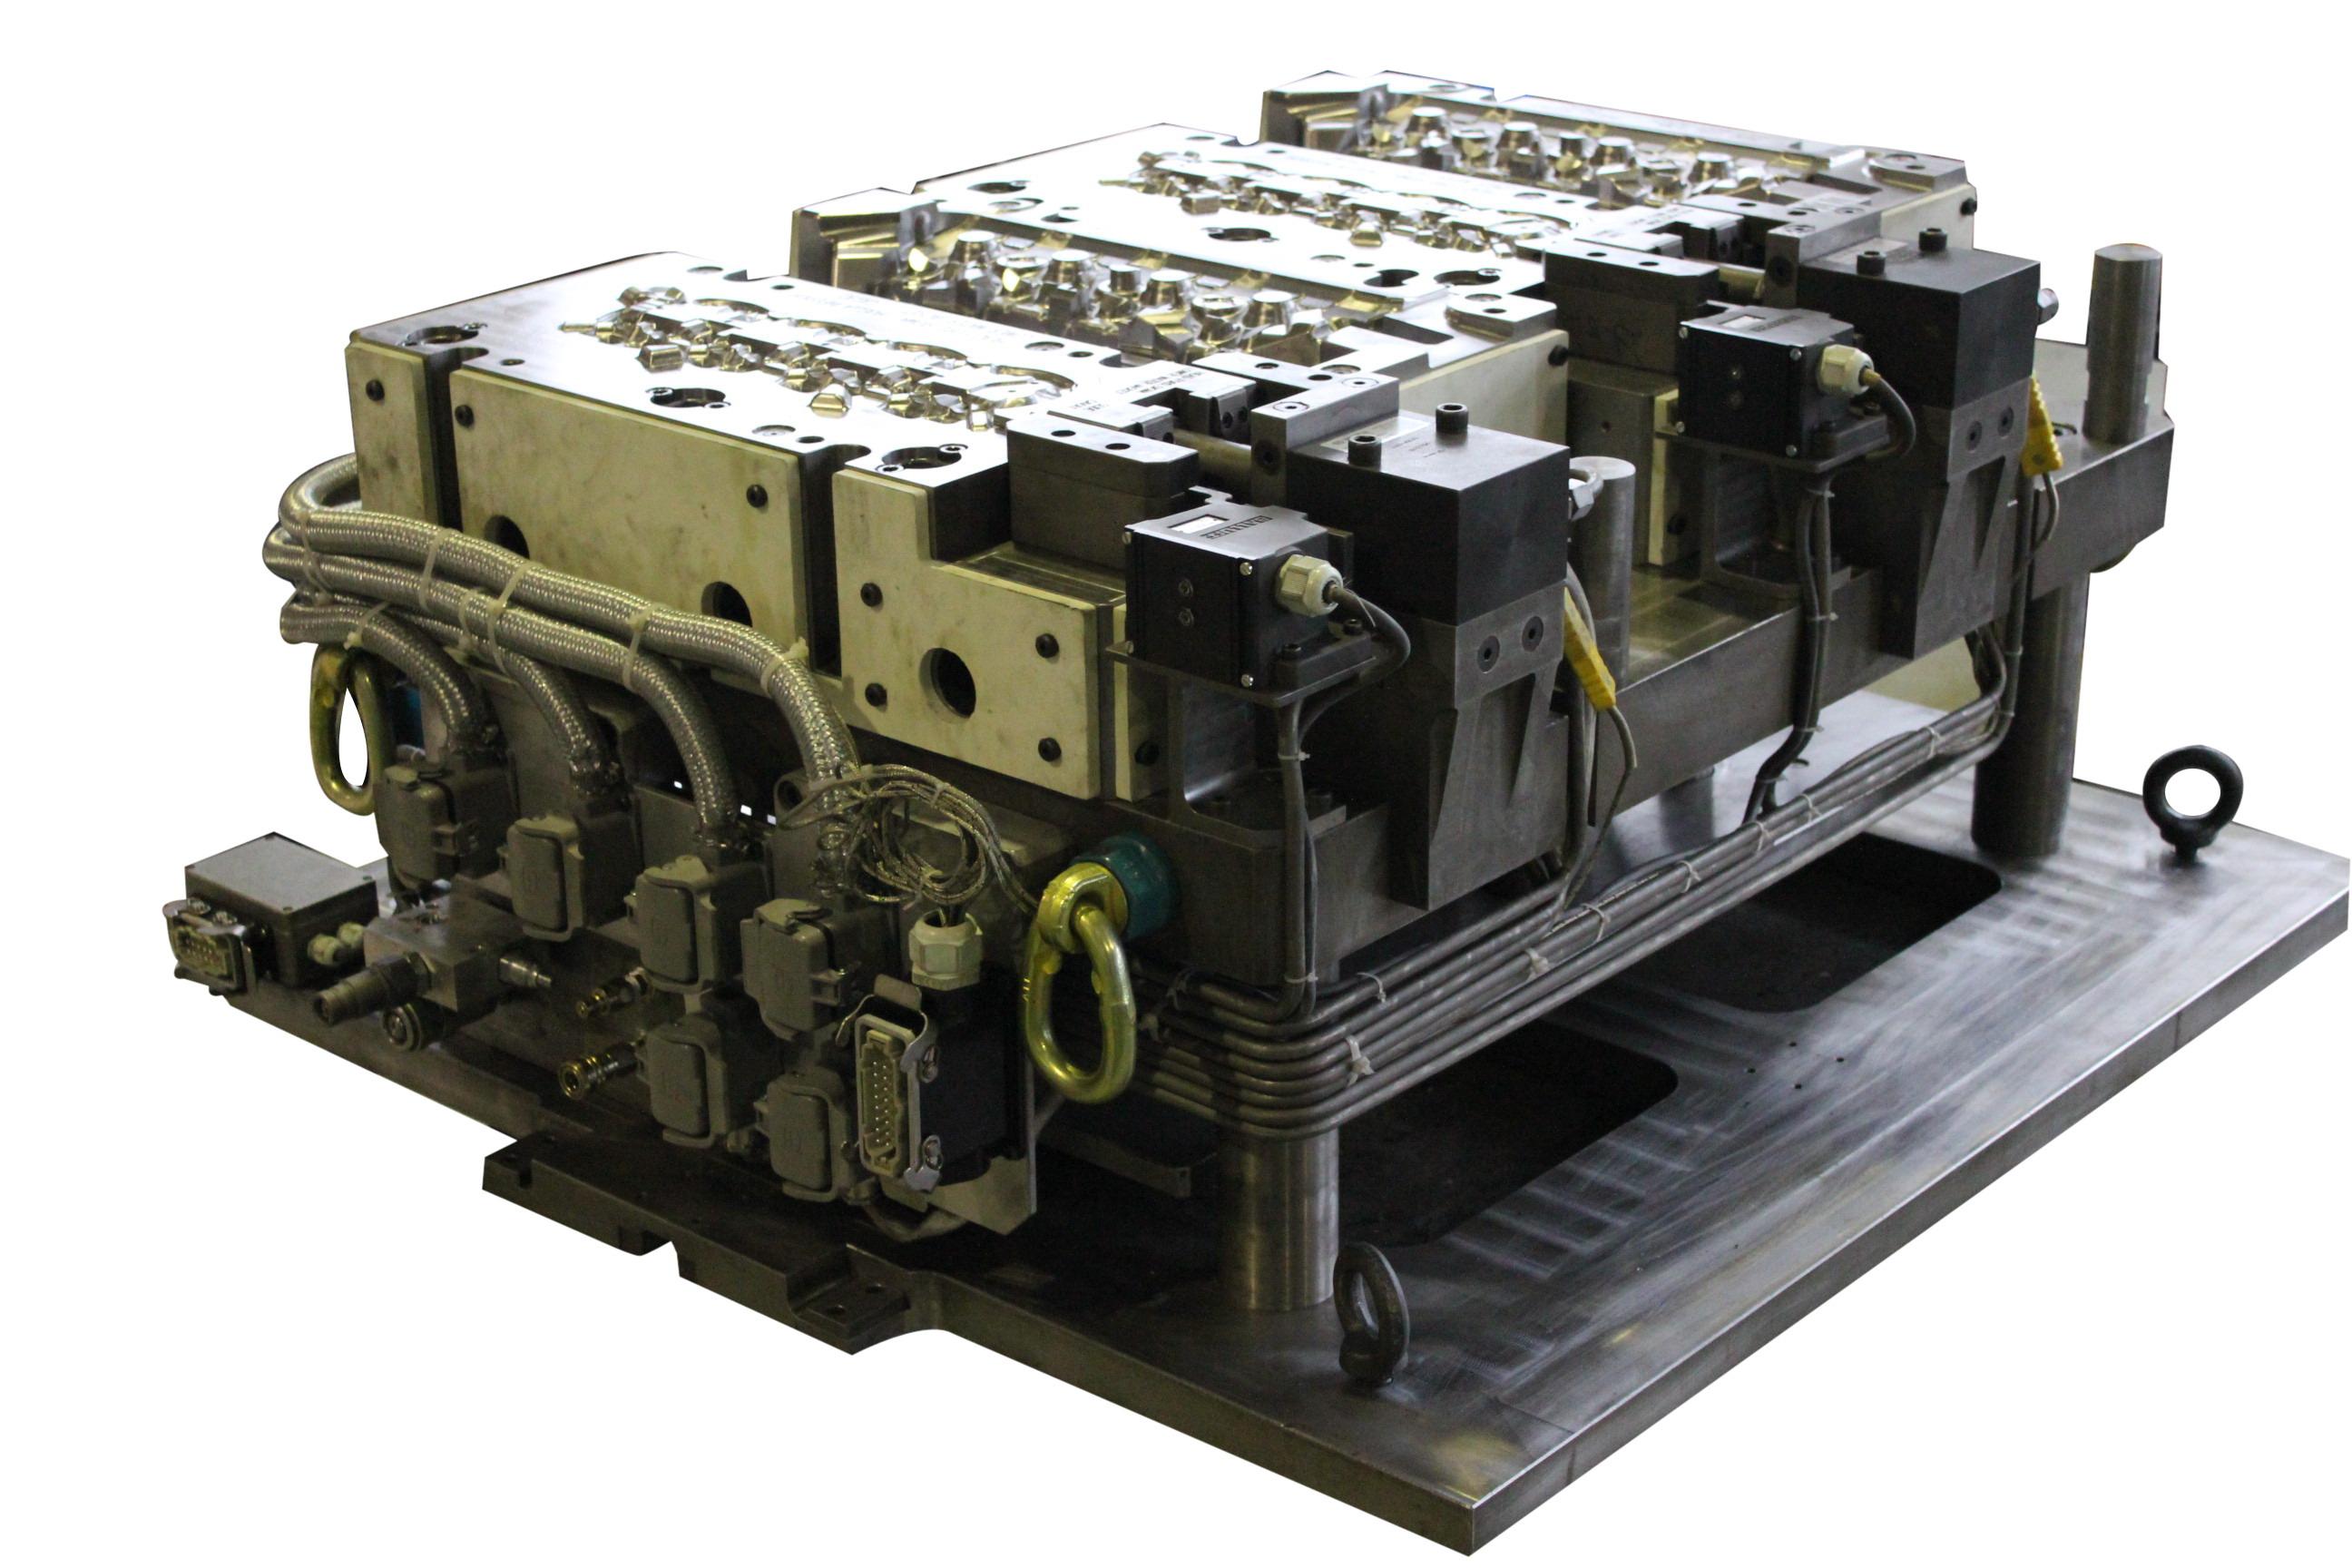 开发汽车发动机缸体,缸盖低压铸造及重力铸造模具,扩大企业规模,投资